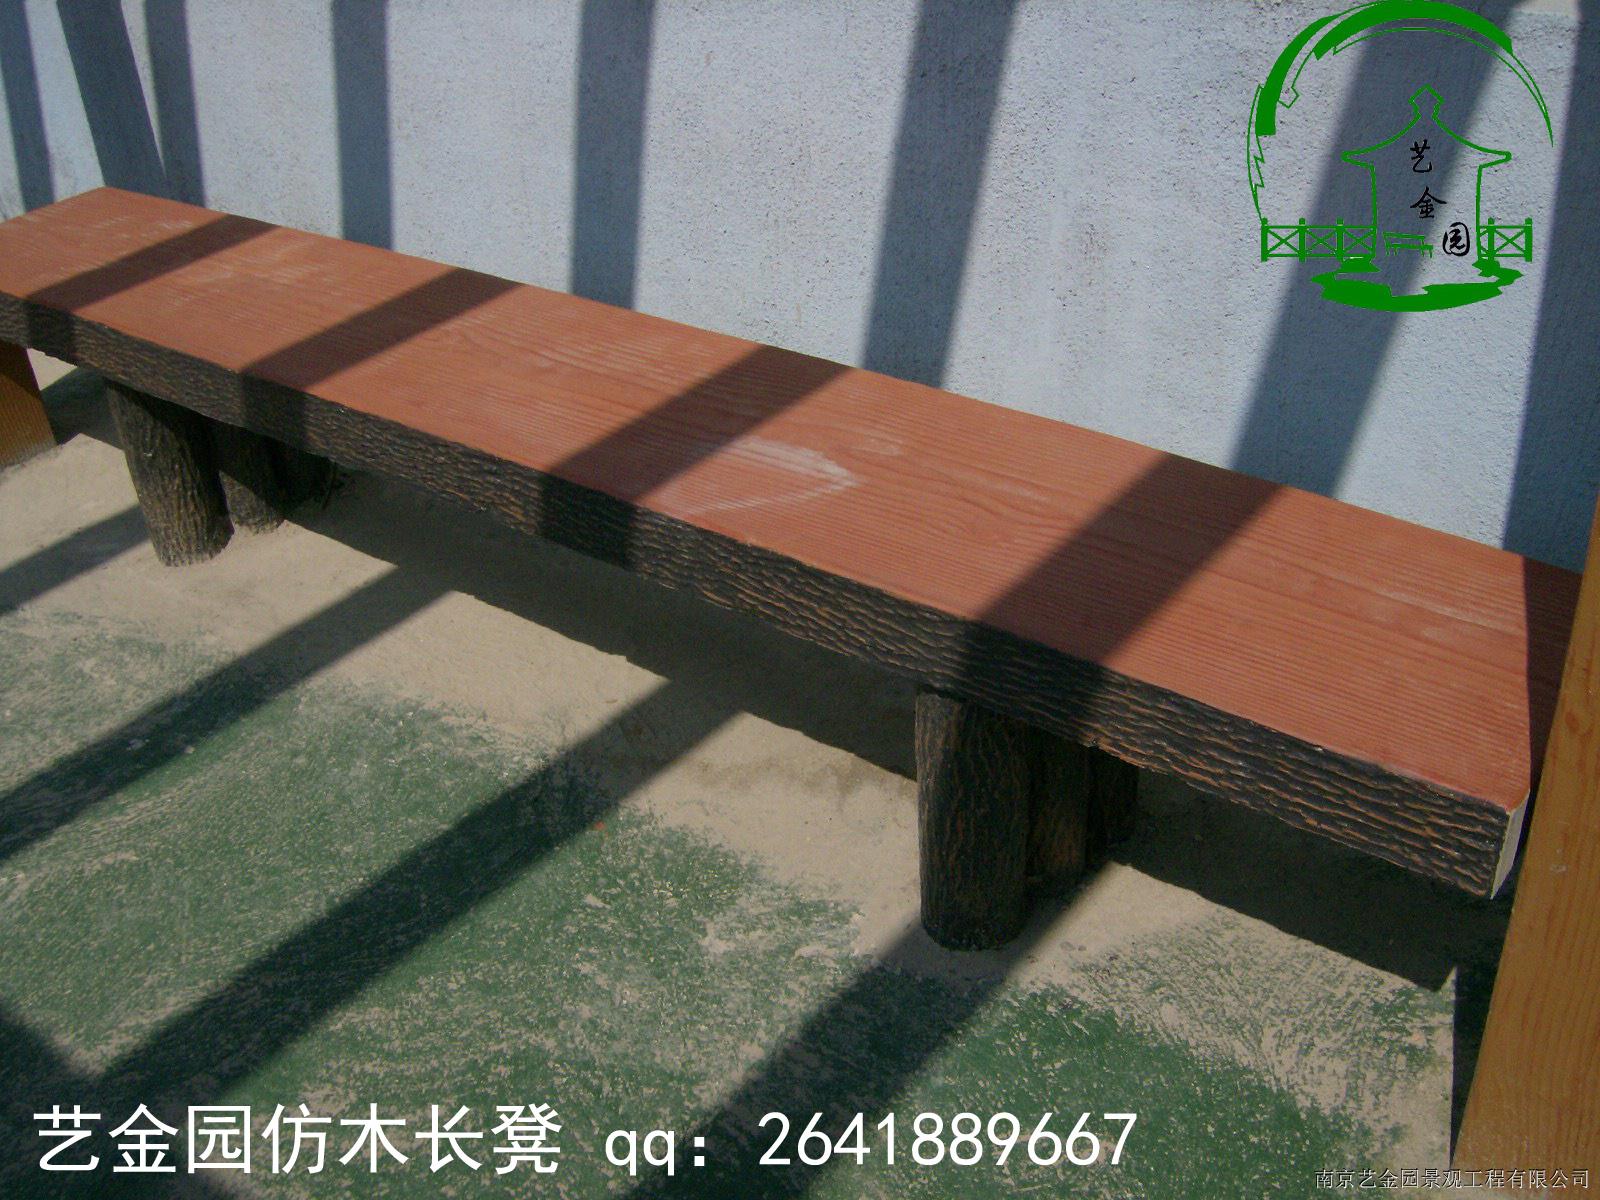 园林小品,仿木制品,桌凳